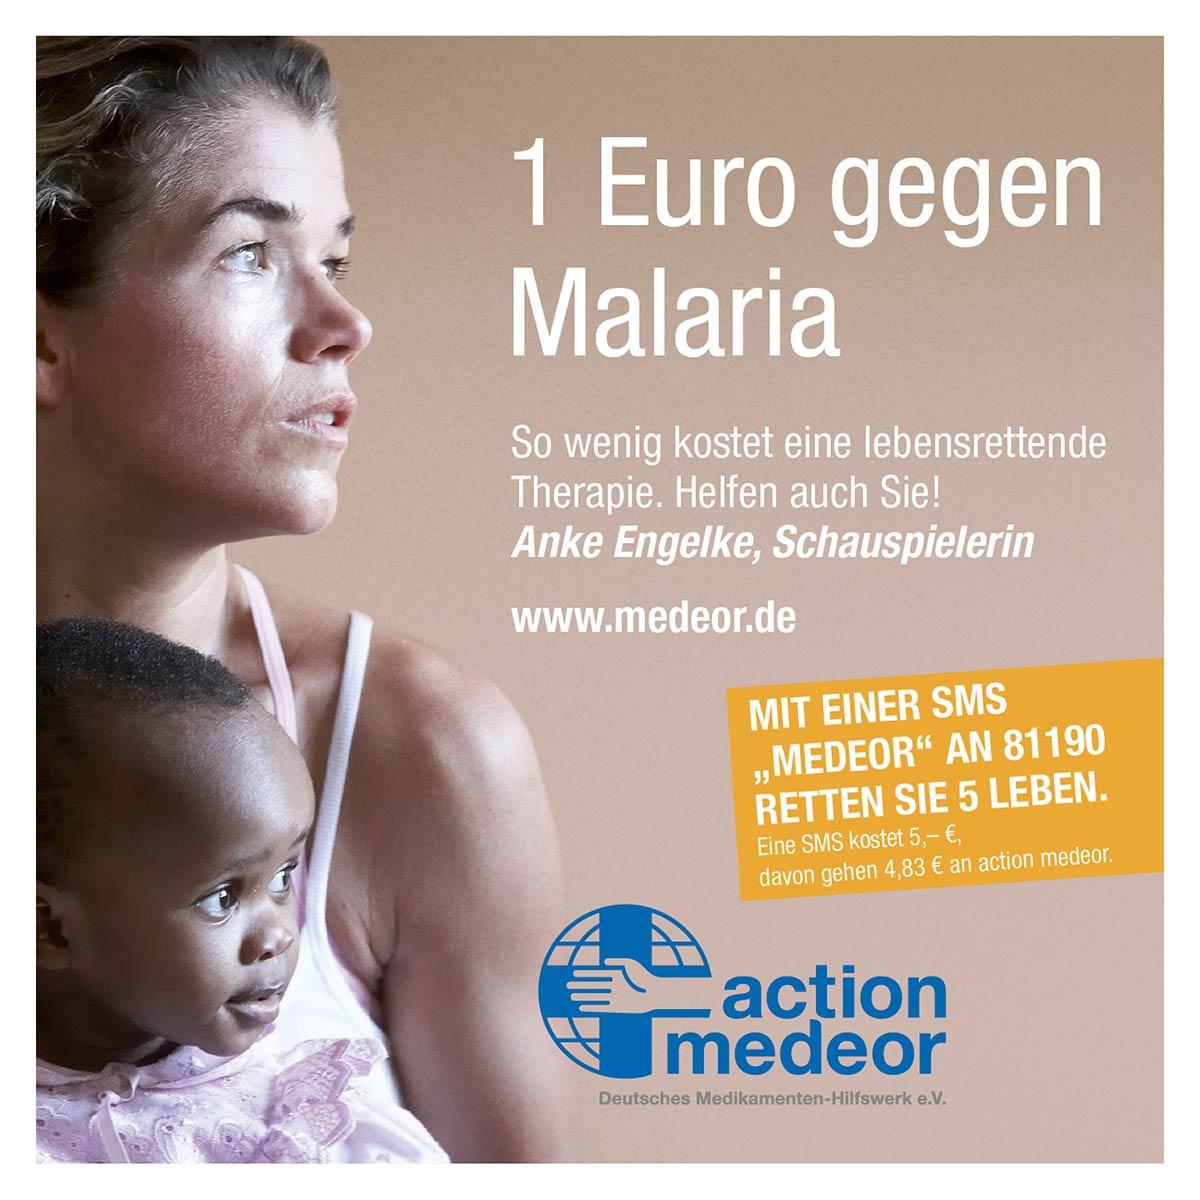 Anzeige für action medeor by Reiber Marketing - Krefeld